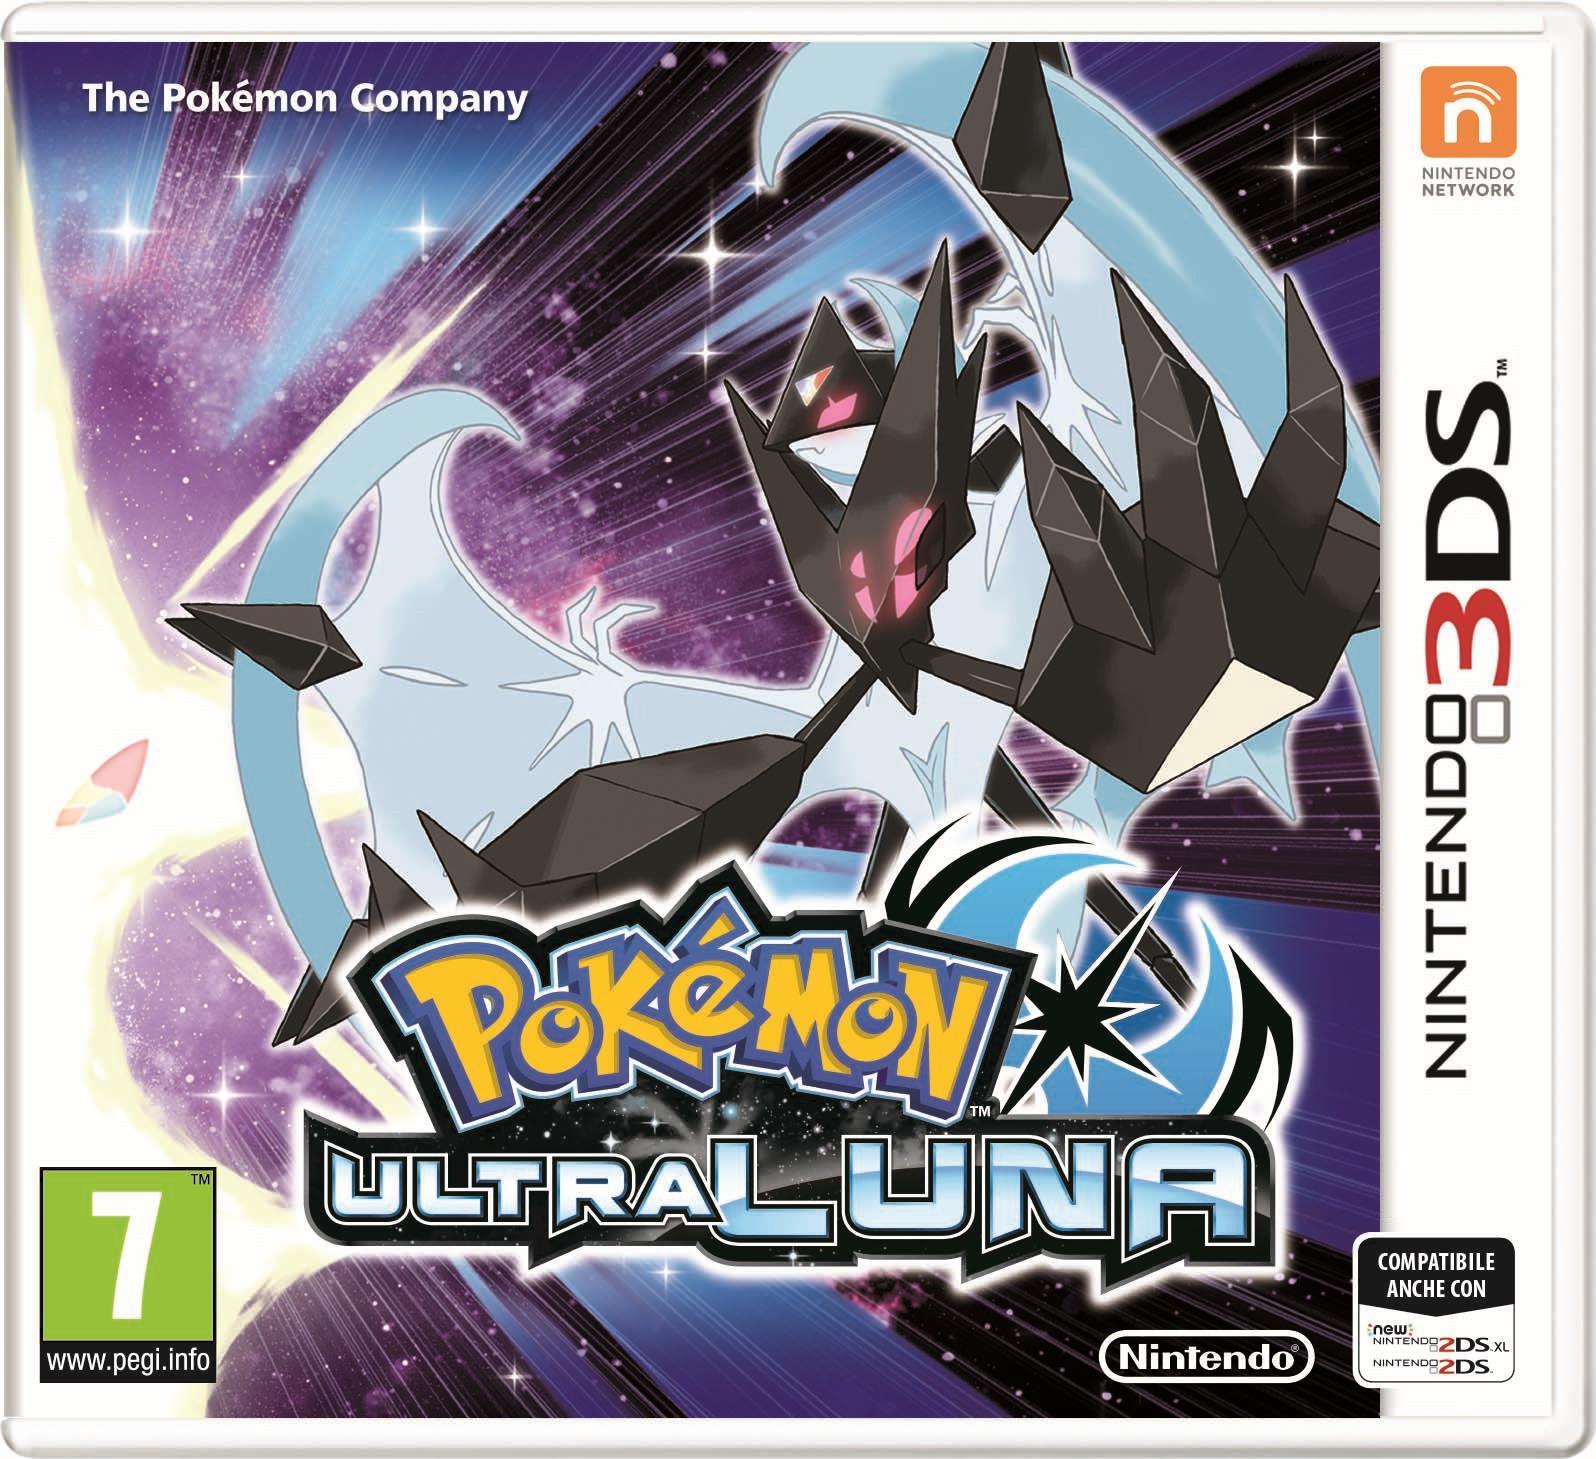 Pokémon Ultrasole e Ultraluna: trailer con nuovi dettagli sui titoli per 3DS